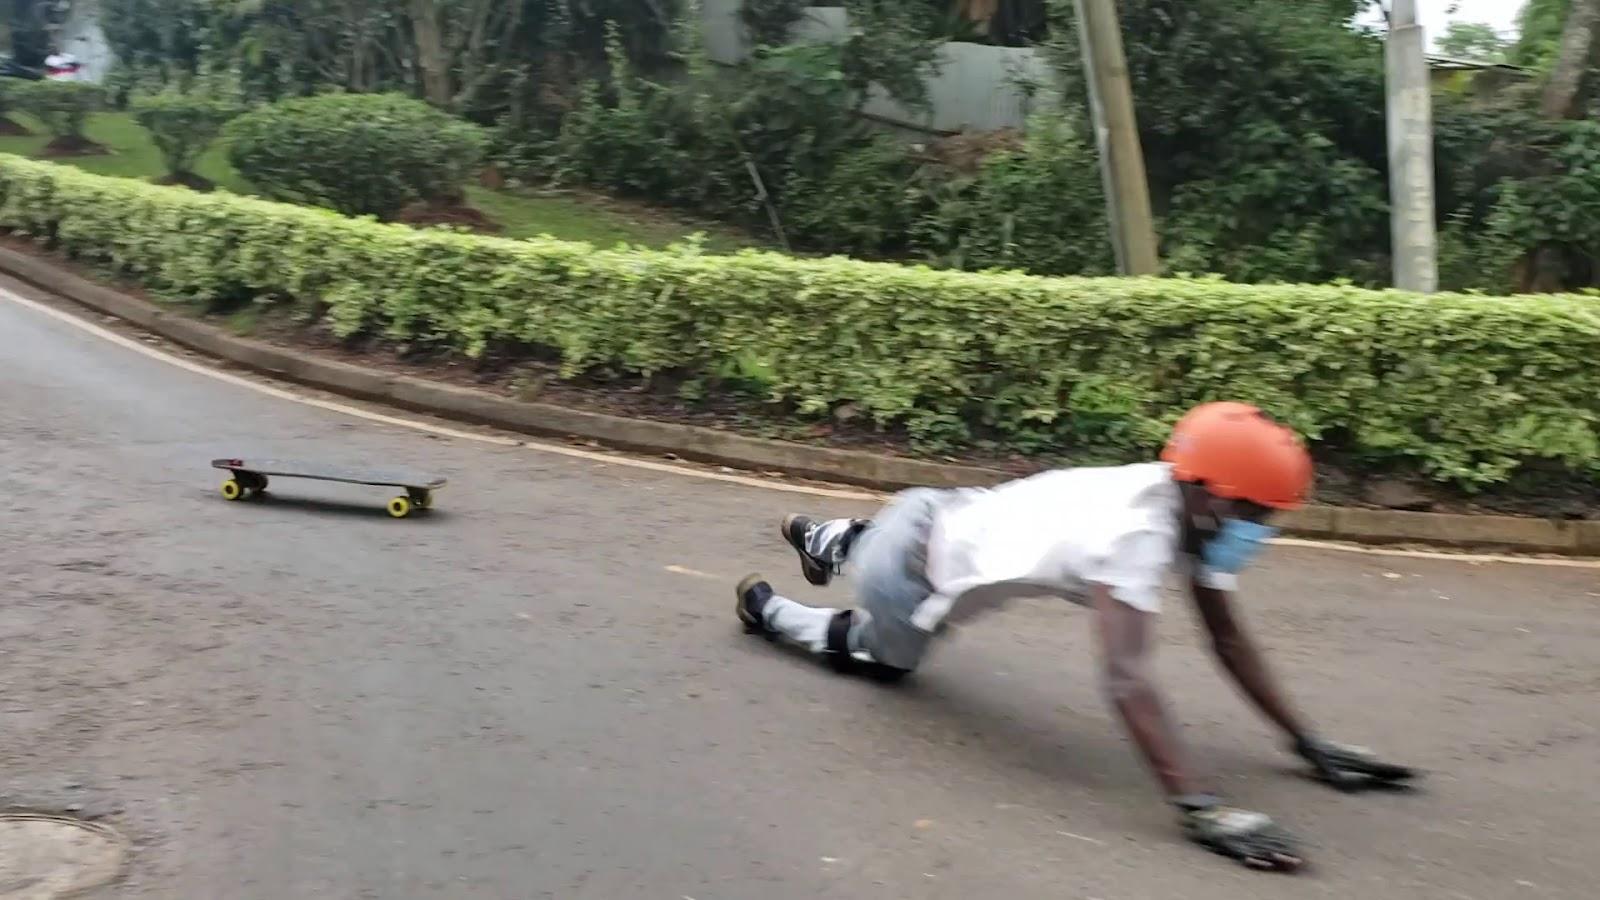 skateboarder falling, downhill skateboarding progression road map